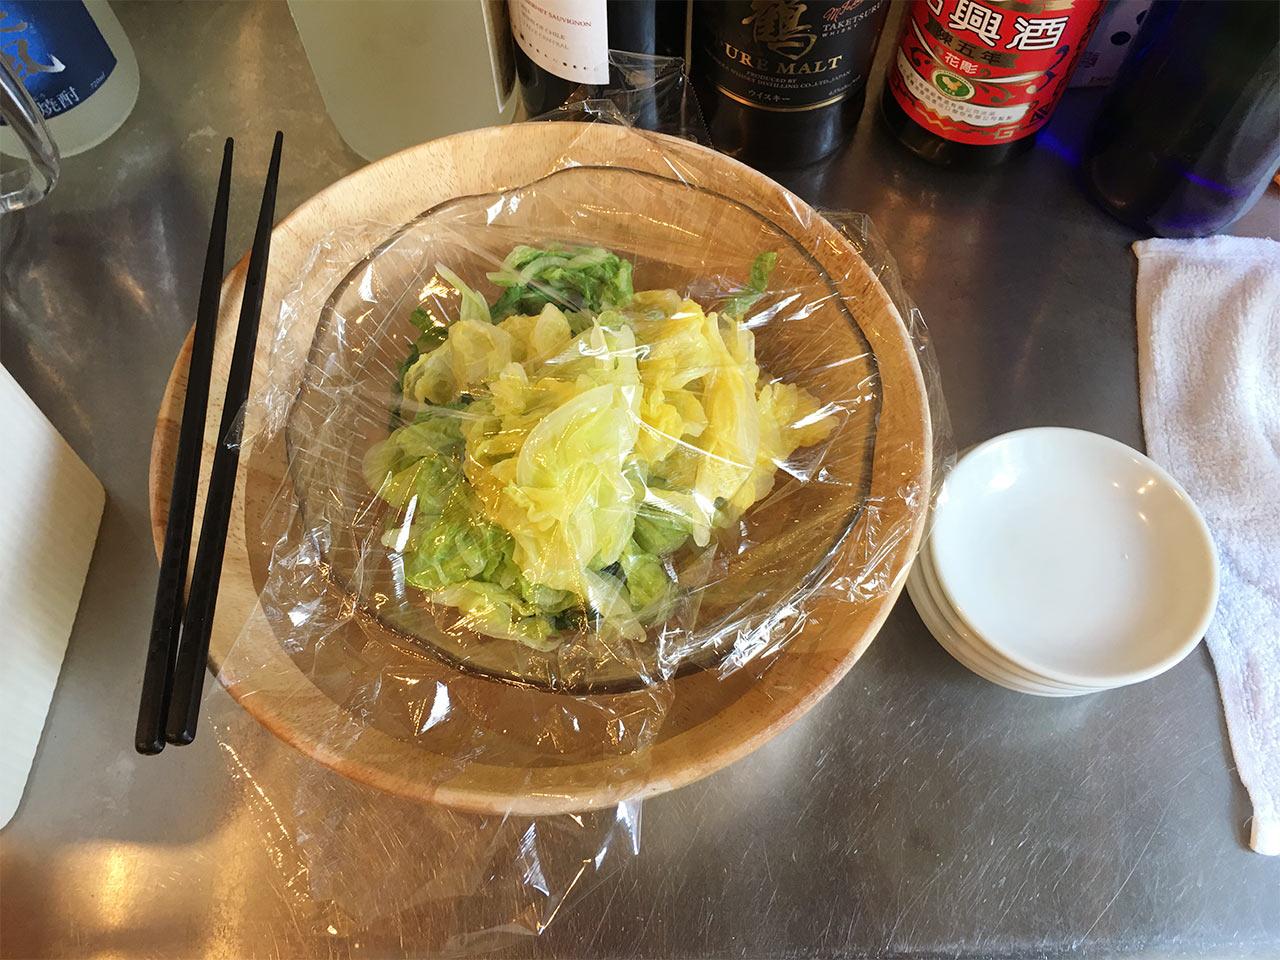 武蔵小山の餃子屋ふく肉のおひたし食べ放題